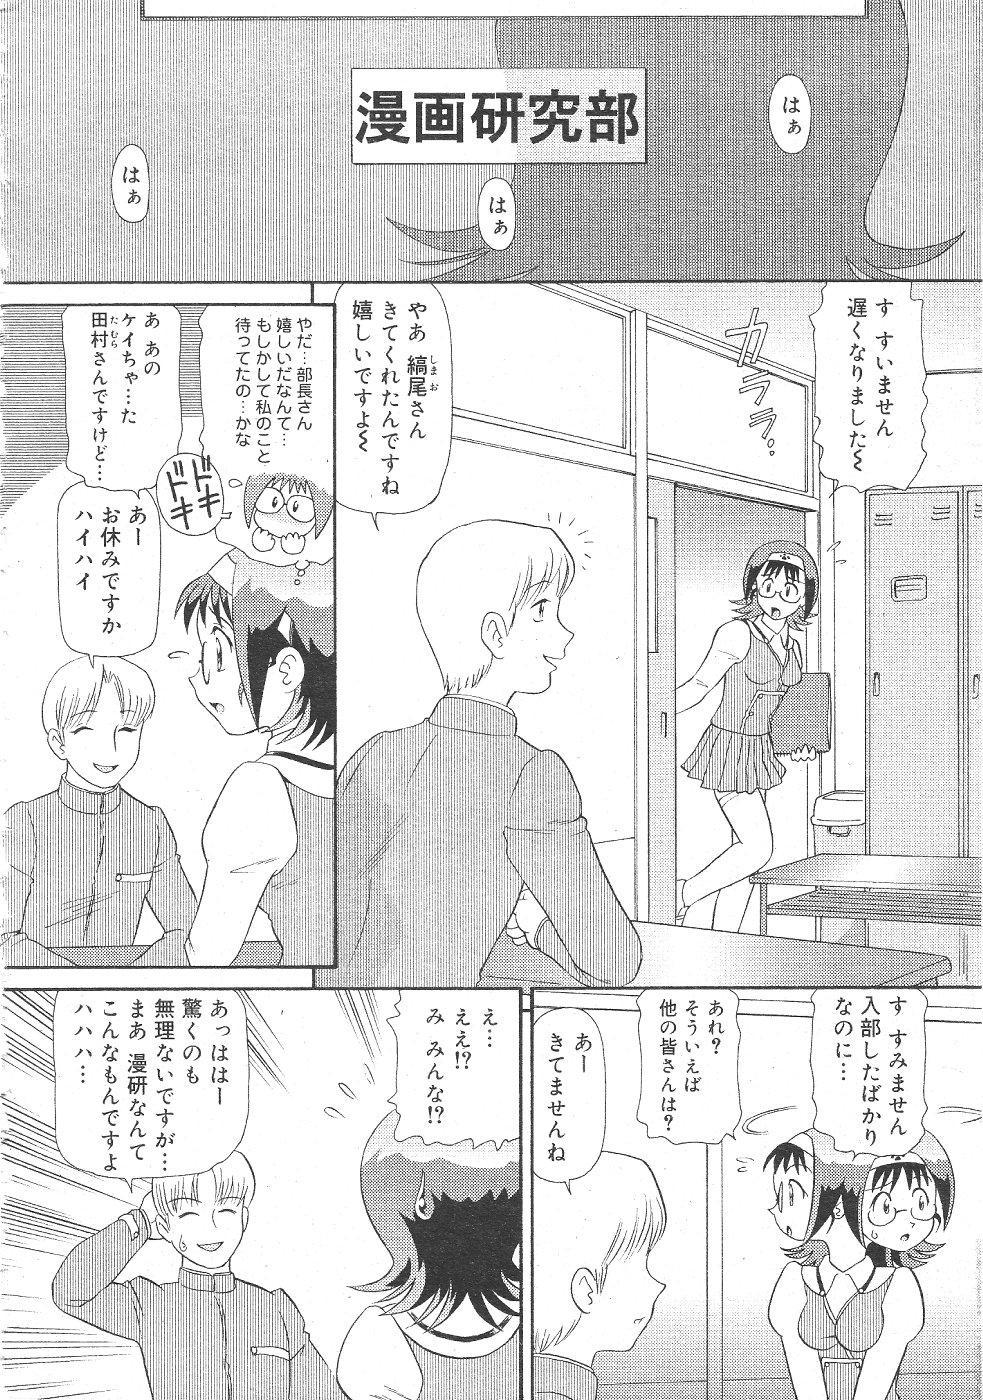 Gekkan Comic Muga 2004-06 Vol.10 373